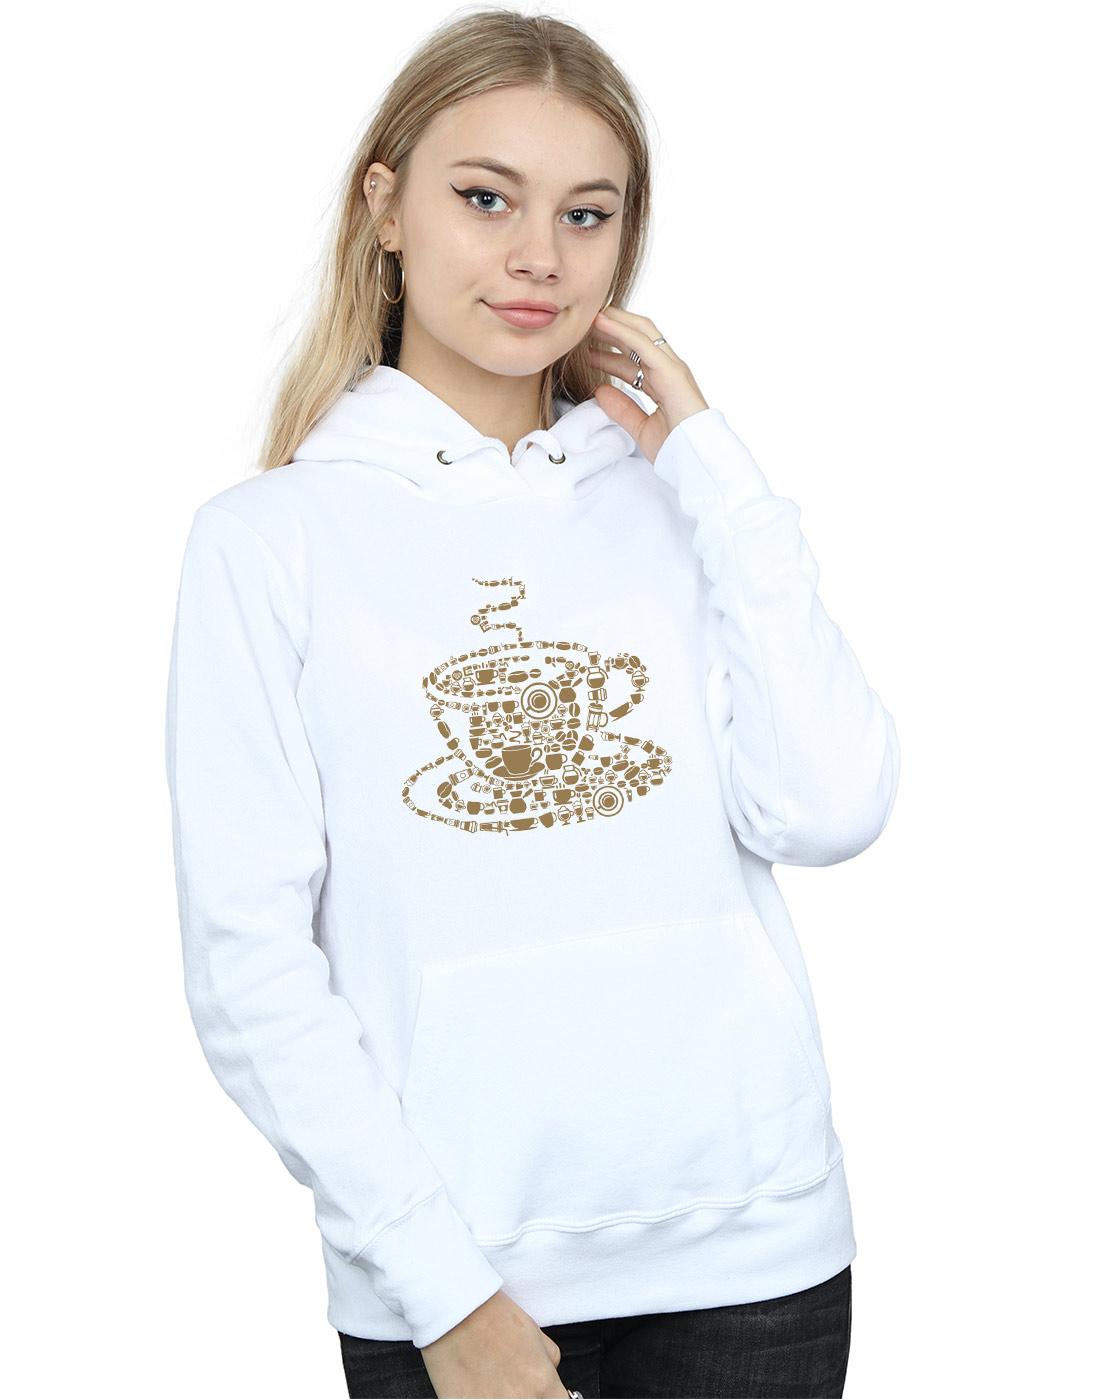 Drewbacca Damen Coffee Cup Kapuzenpullover | Lebendige Lebendige Lebendige Form  | Große Klassifizierung  | Sale Online  | Bekannt für seine gute Qualität  | Verrückter Preis  12301f